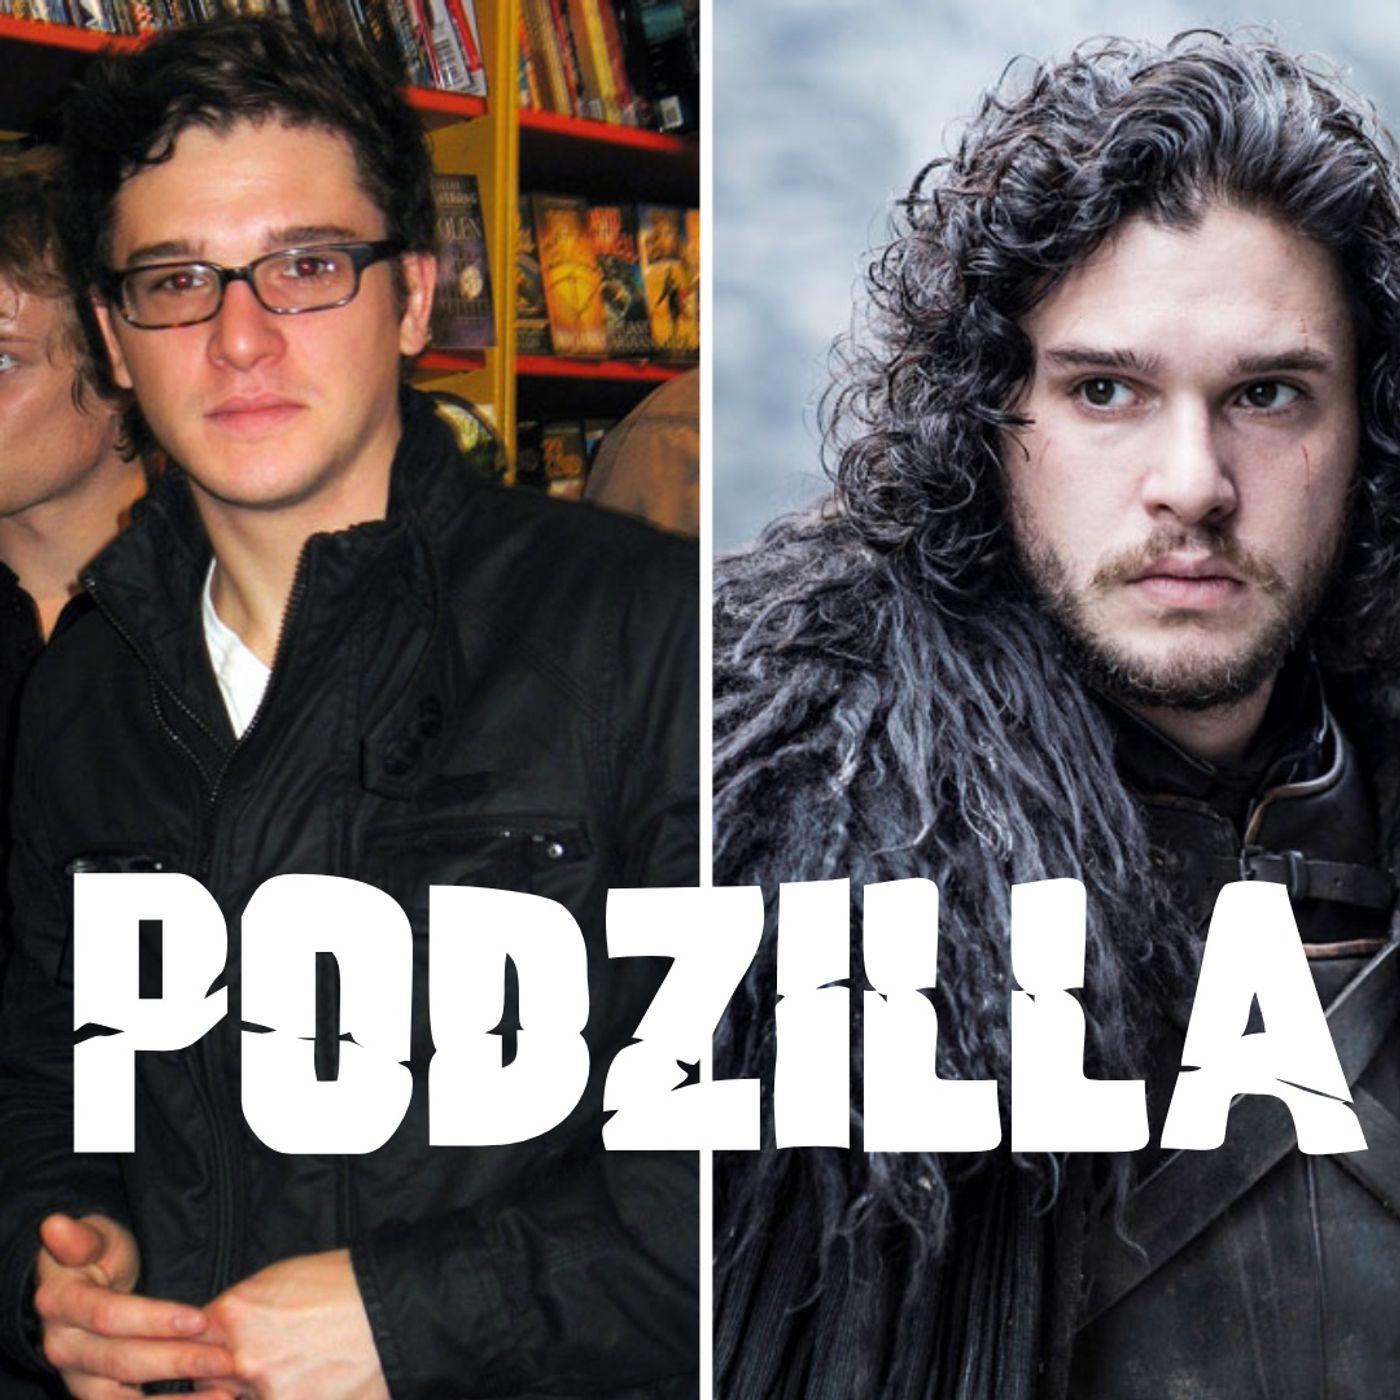 Podzilla #2 il finale di Game of Thrones